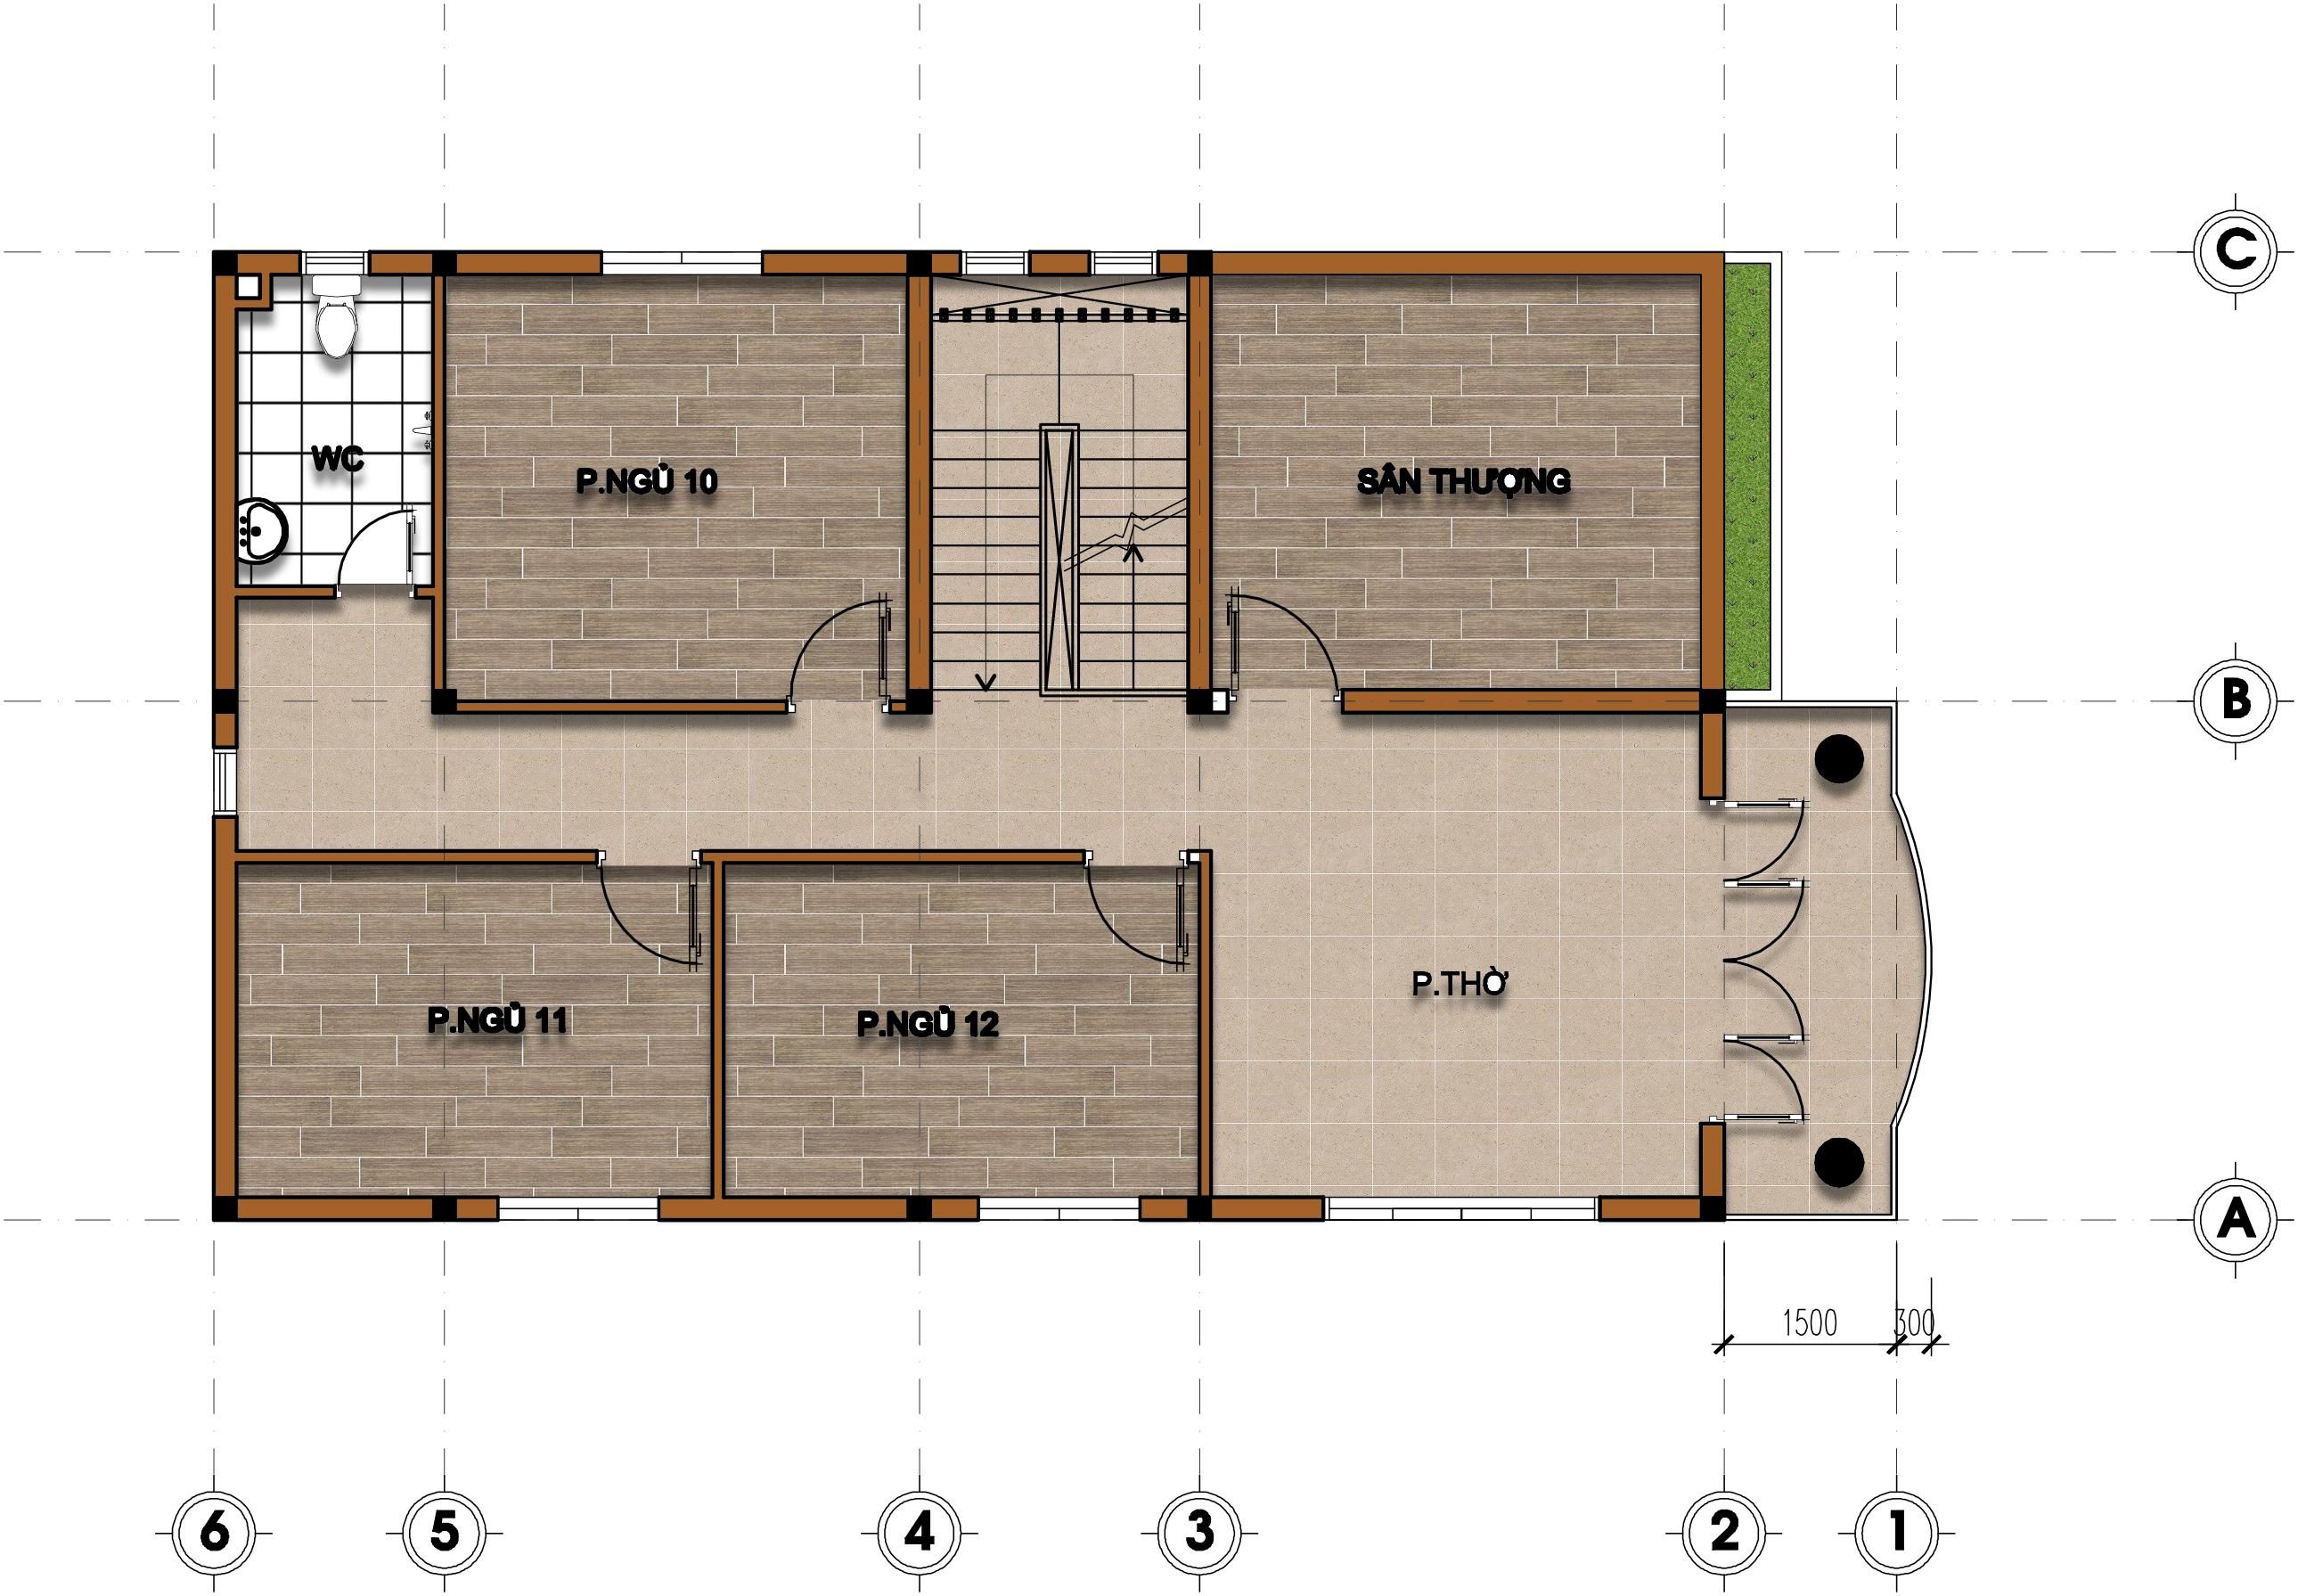 hình ảnh mặt bằng lầu 3 (ảnh : kimtrongphat.com)